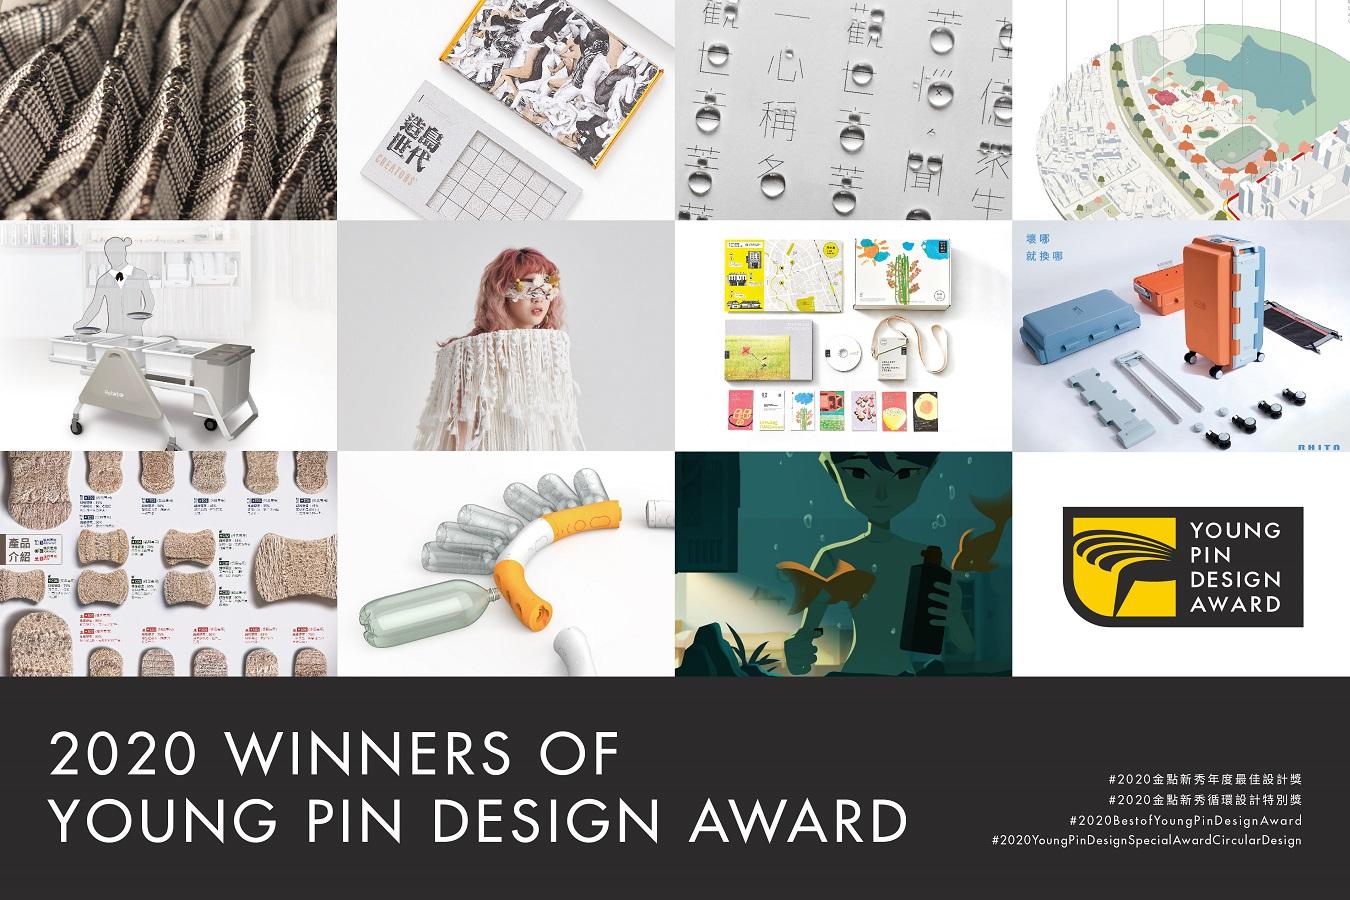 2020金點新秀設計獎揭曉得獎名單!設計新生代展現自我主張 大膽創意獲評審好評